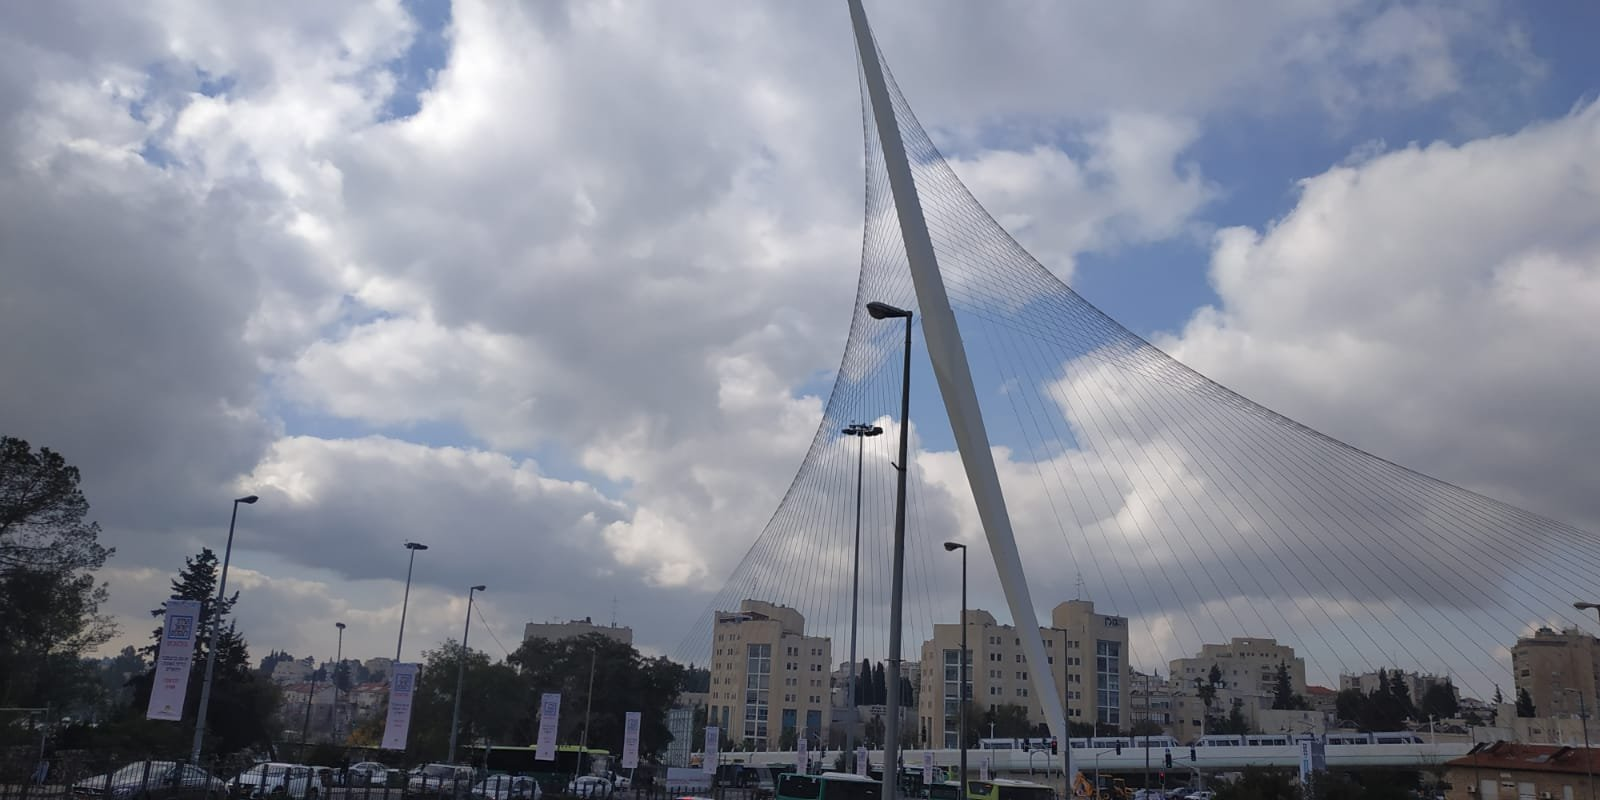 ירושלים, גשר המיתרים, עננים, חורף (צילום: שלומי הלר)